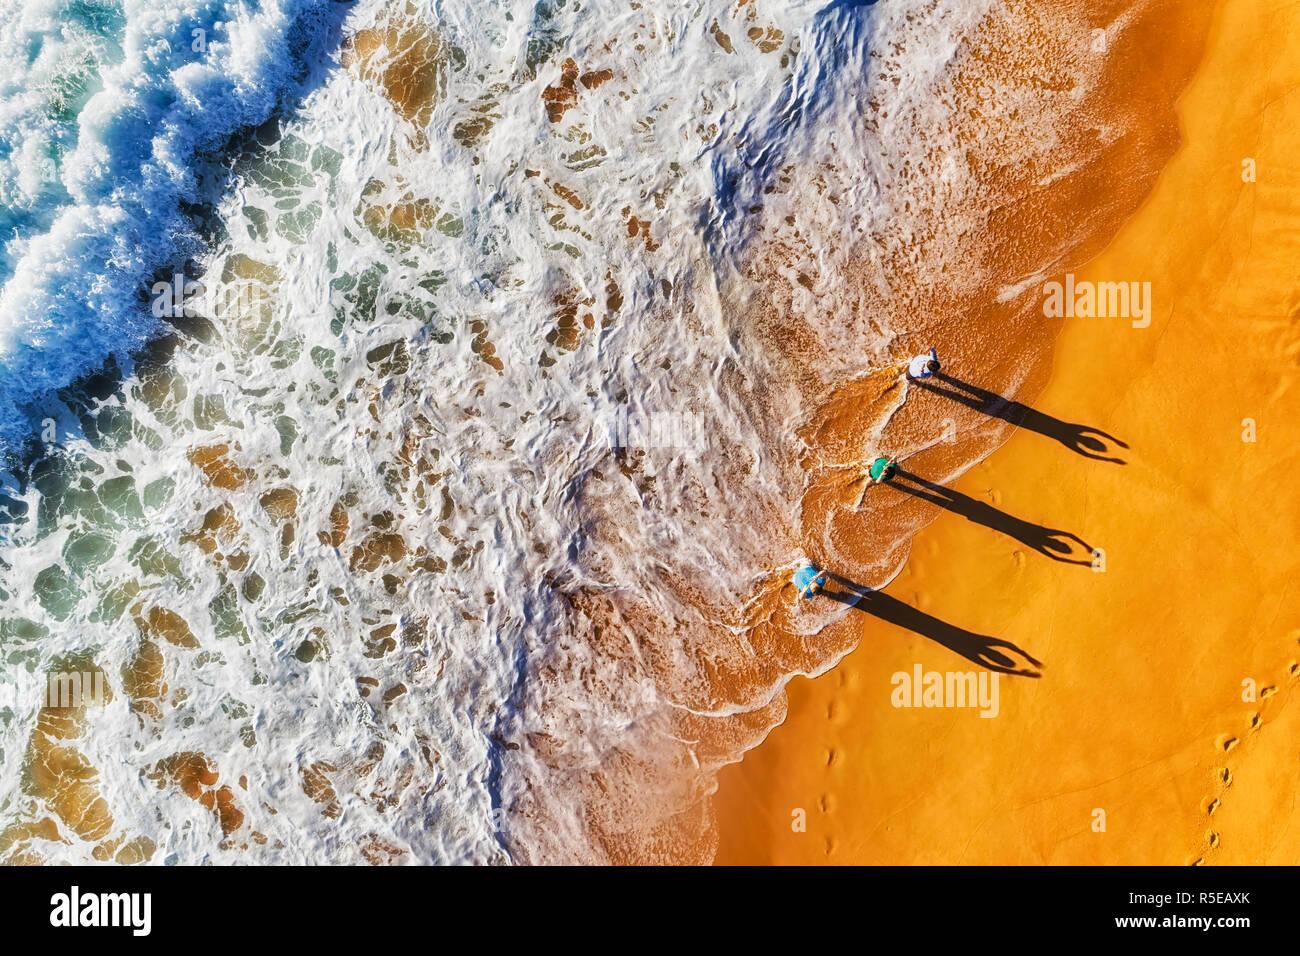 Gruppe von aktiven sportlichen gesunde Menschen ausüben, brechenden Wellen am Ufer des Pazifischen Ozeans aus breiten Sandstrand der nördlichen Strände in Australien, Sydney, Stockbild